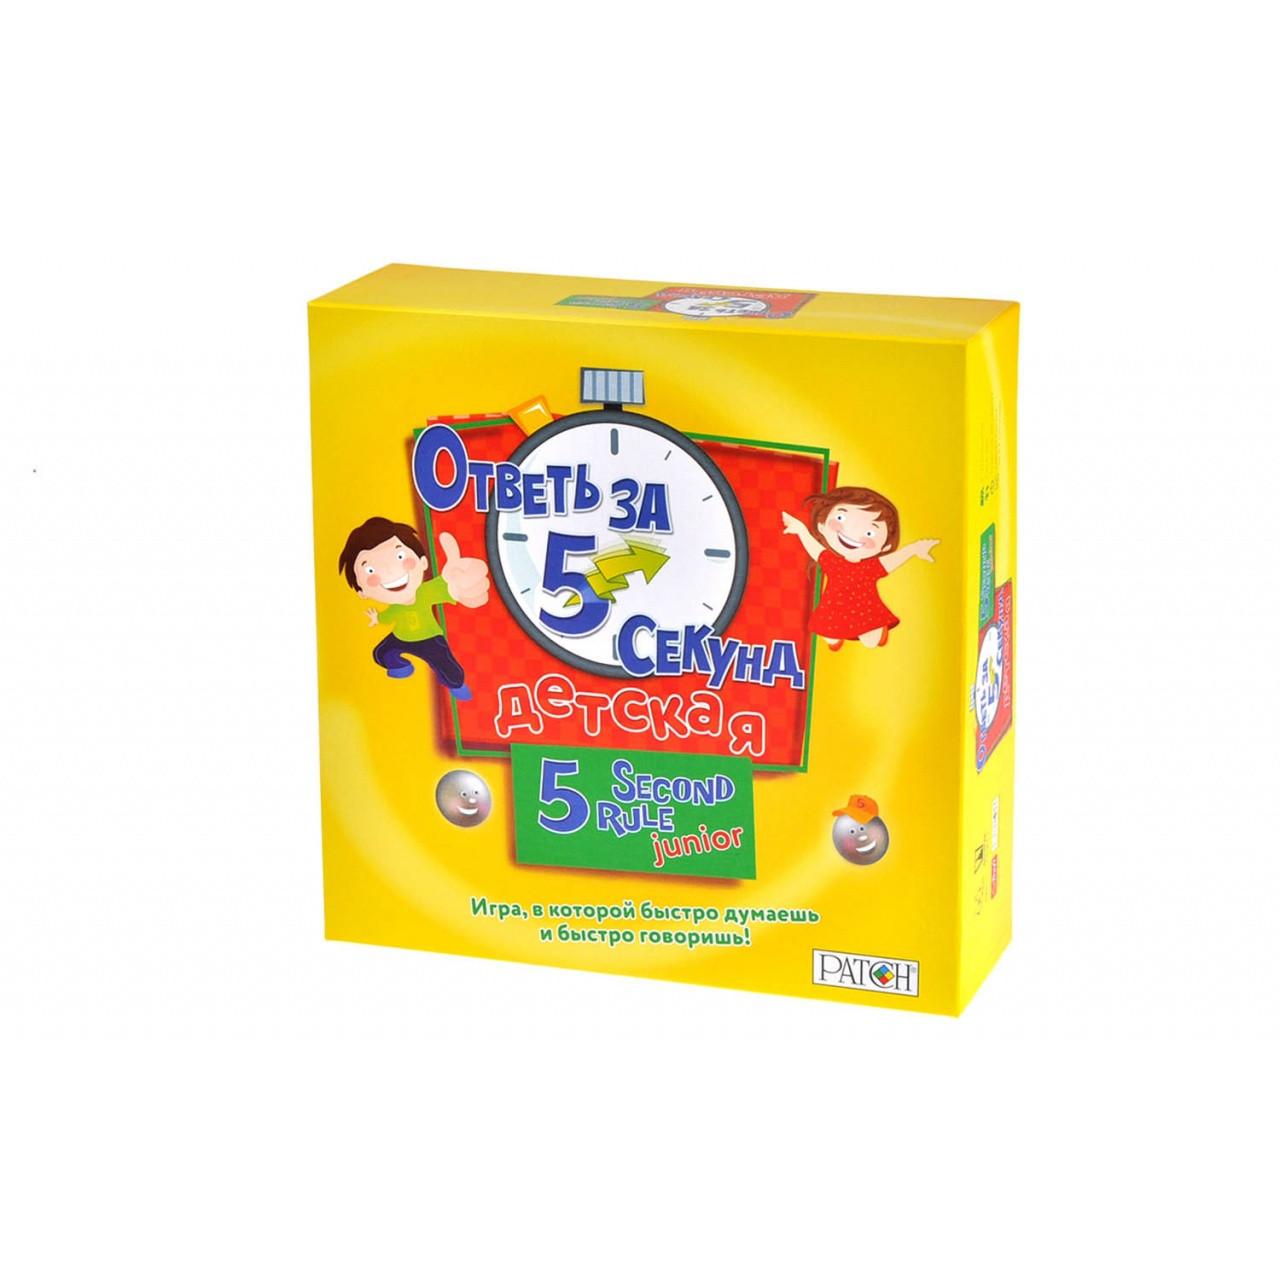 Настольная игра: Ответь за 5 секунд (детская версия), арт.